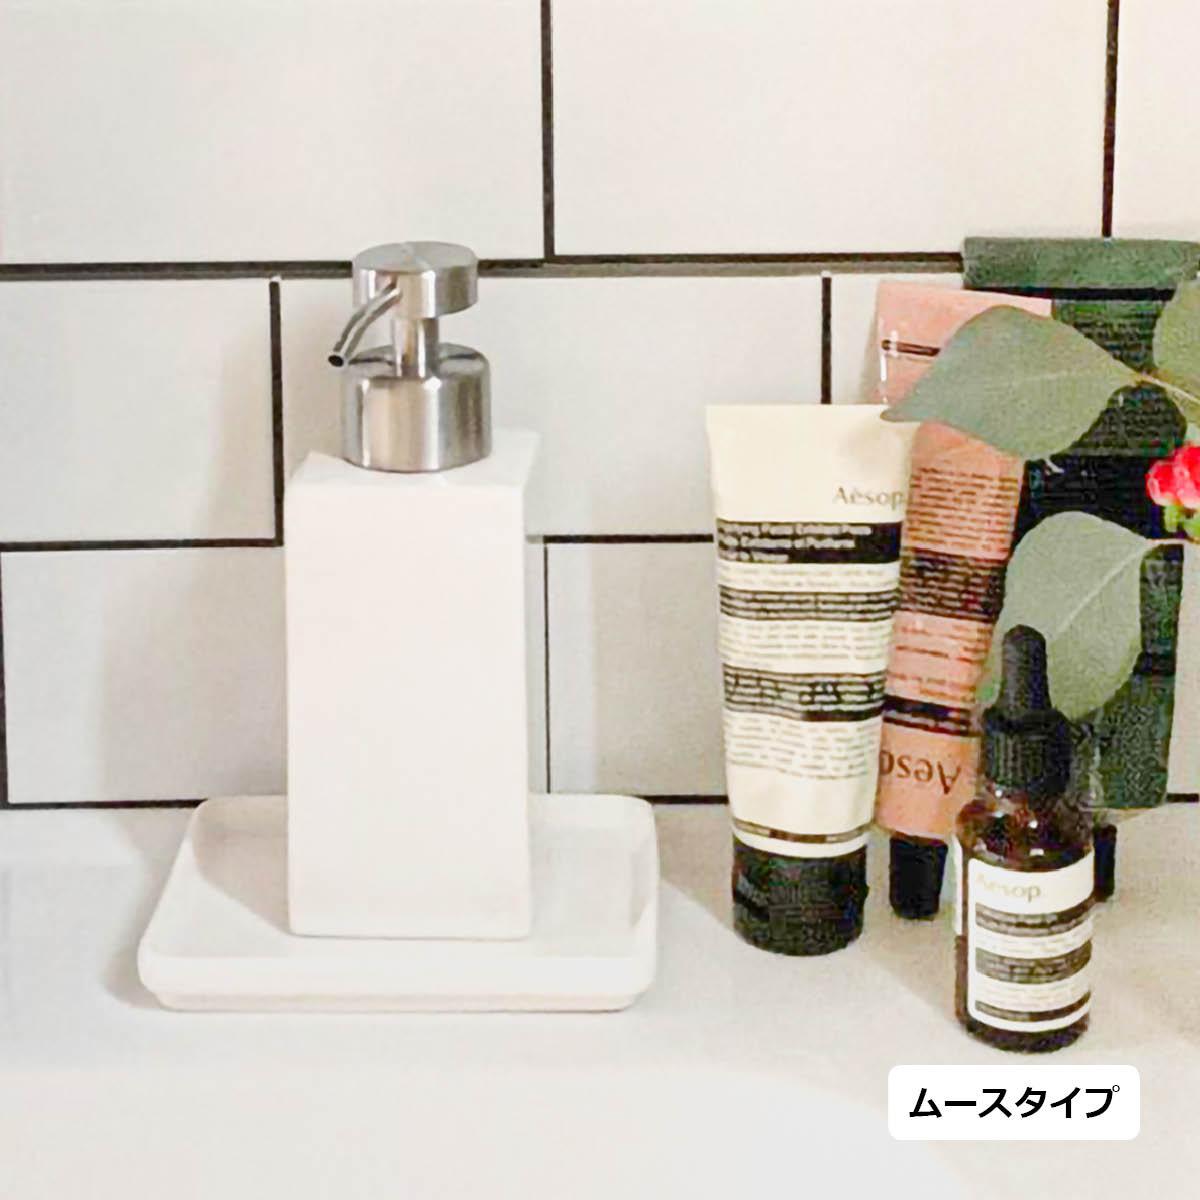 ハンドソープ ディスペンサー 詰め替えボトル 陶器 泡 大人気 セラミック #SL_BT メーカー再生品 ムースボトル-S b2c